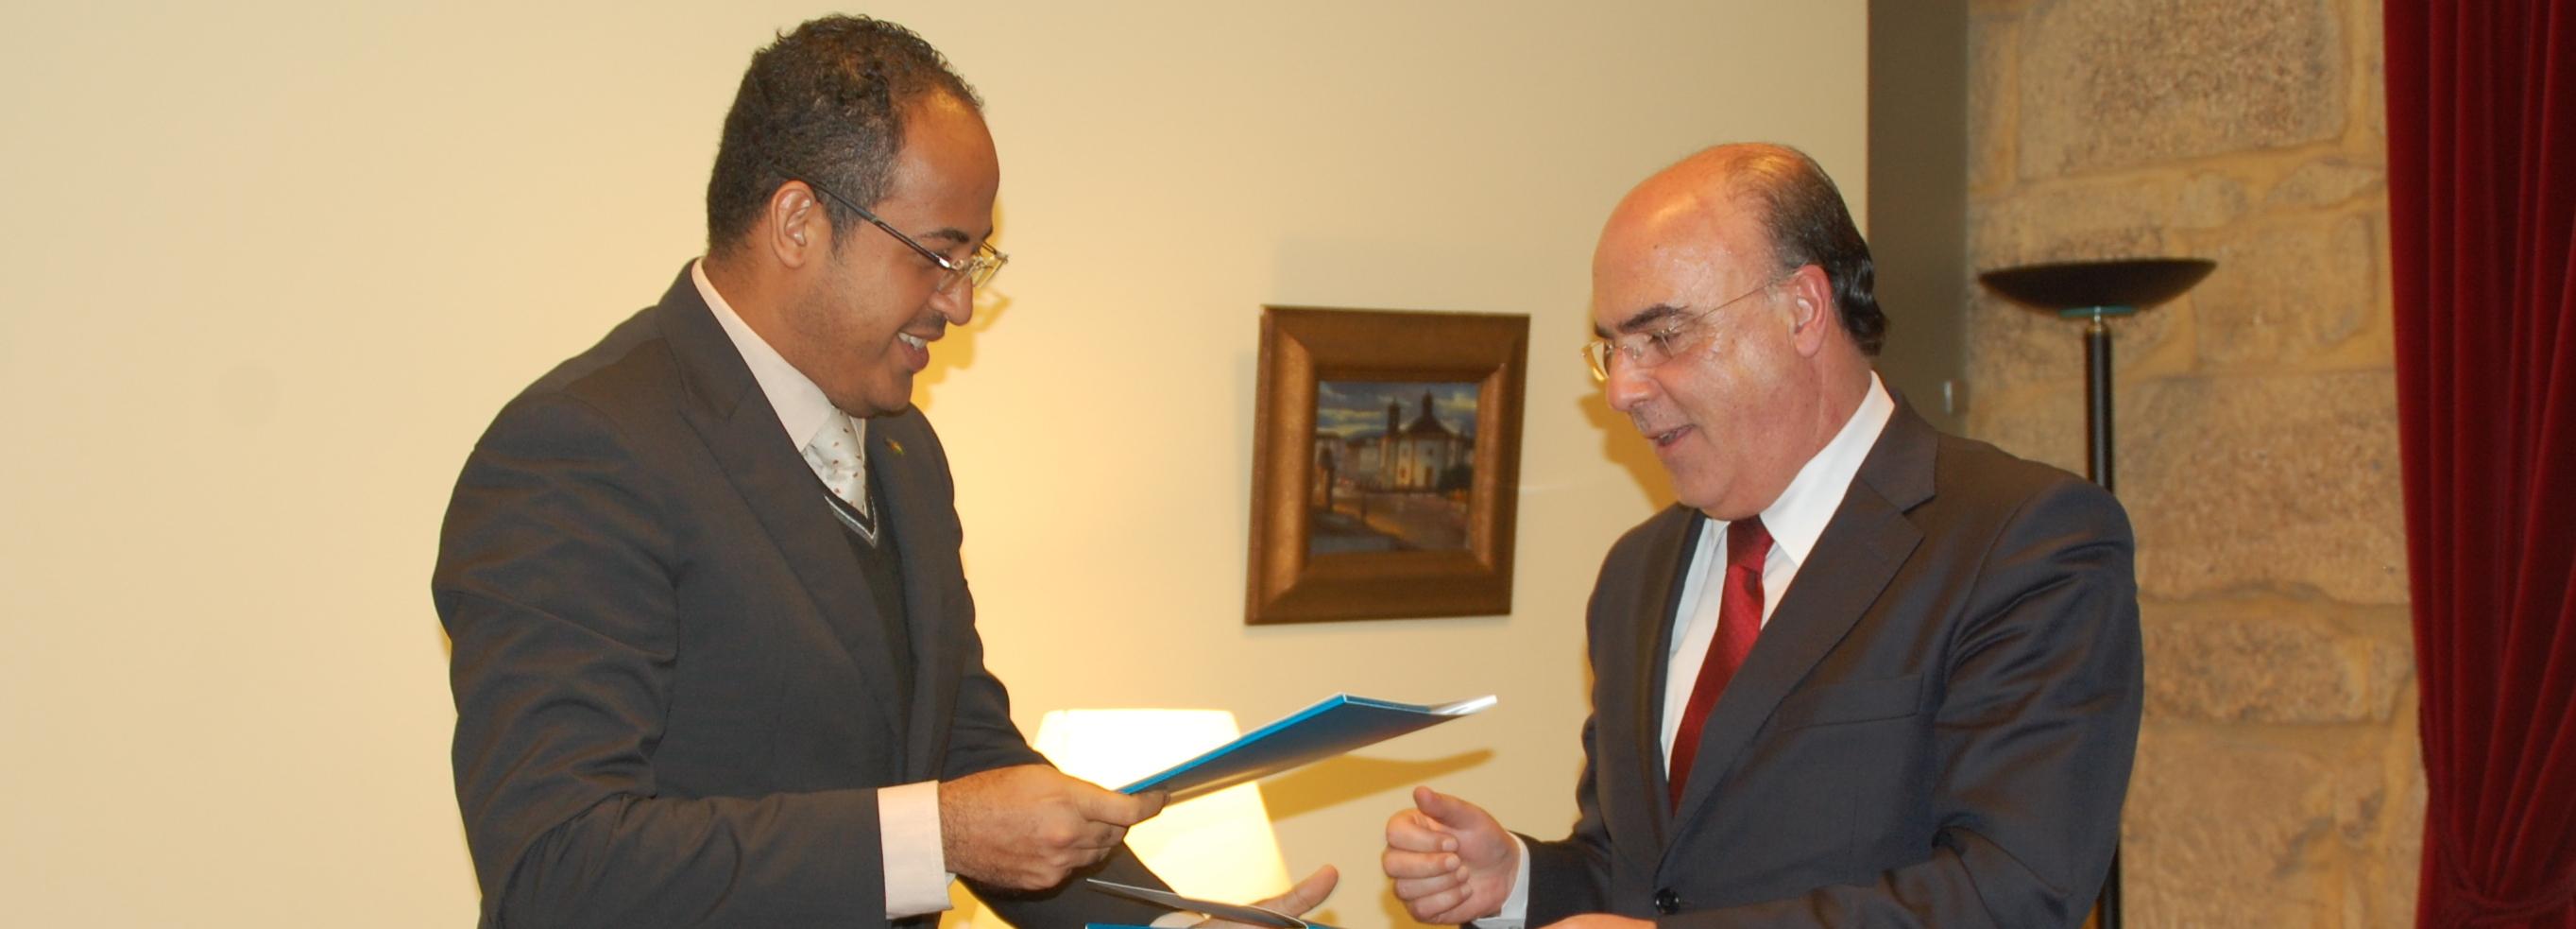 Câmara Municipal de Barcelos e Câmara Distrital de Água Grande (S. Tomé e Príncipe) estreitam relações de cooperação